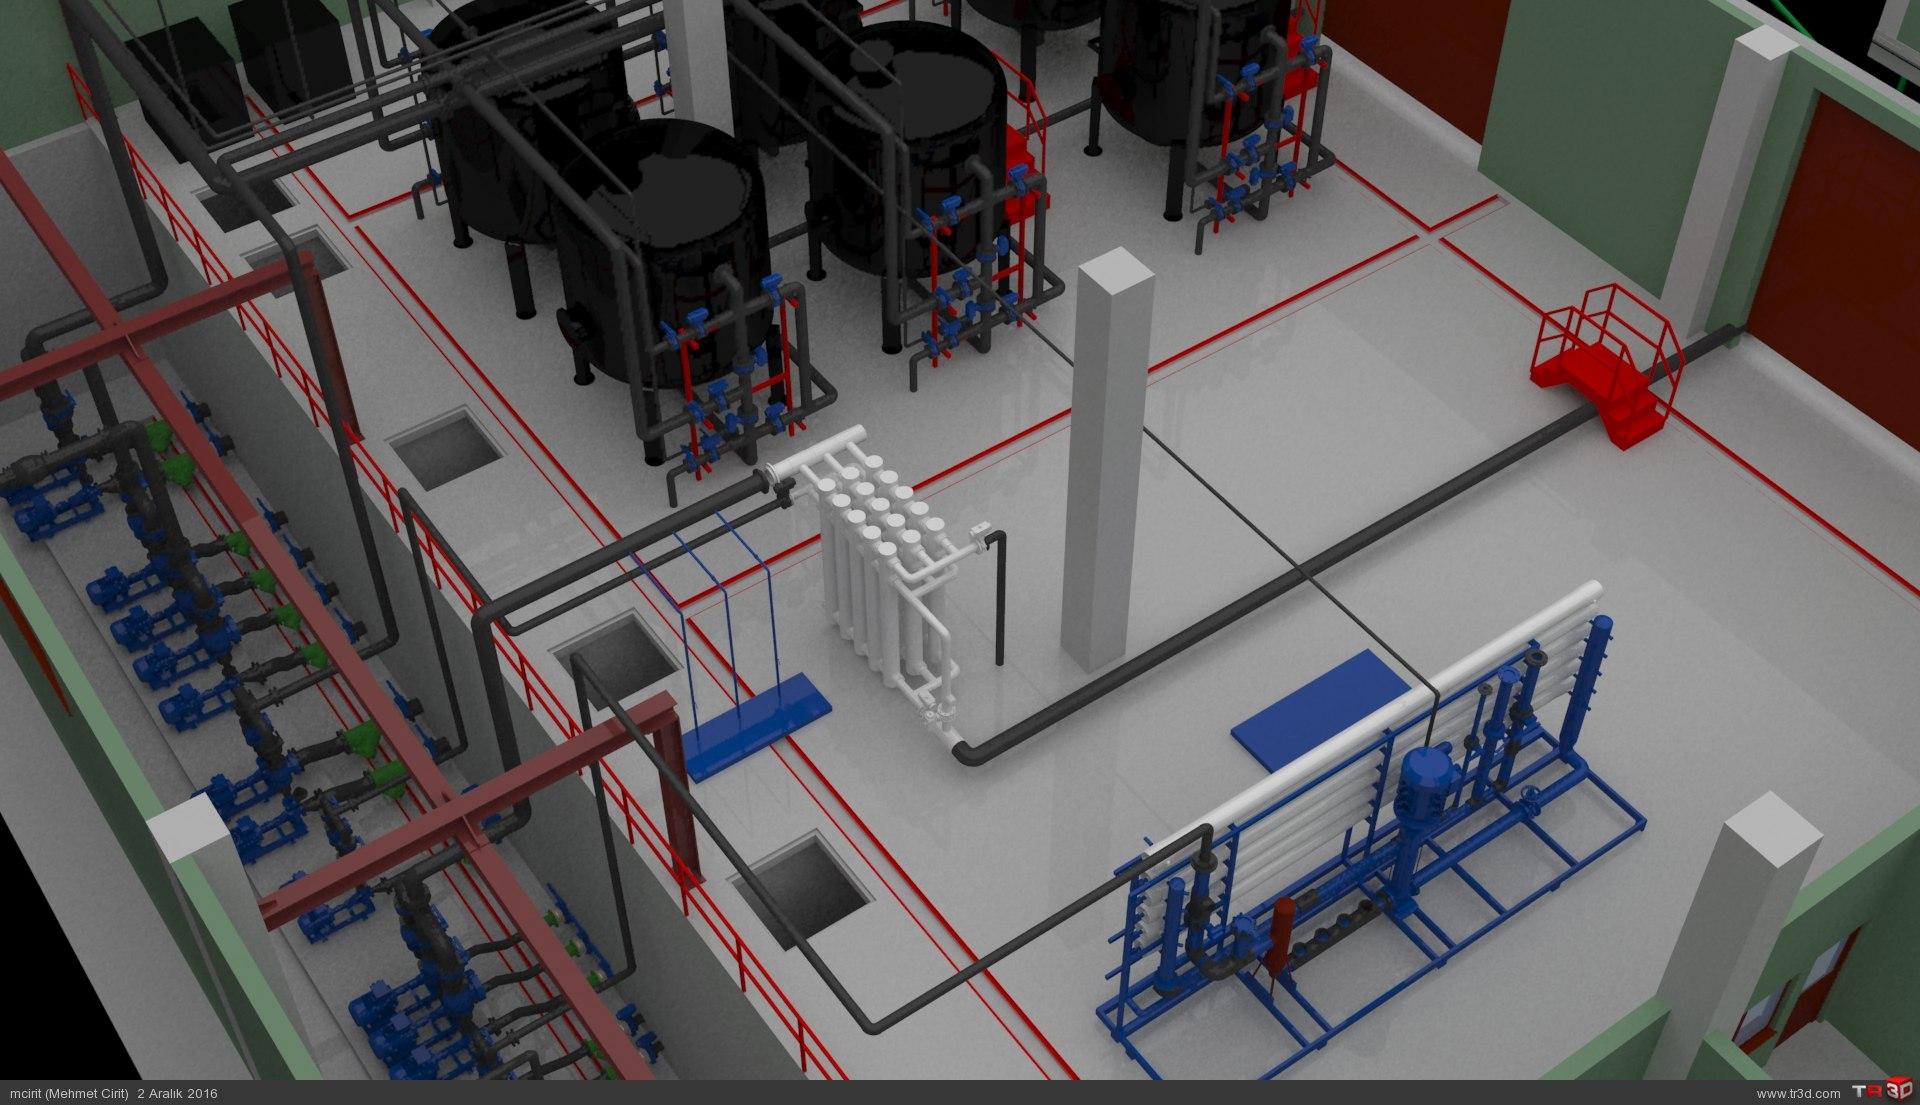 ARC WT Co. Tunçbilek Kömür Suyu Biyolojik, Kimyasal Arıtma Tesisi 3